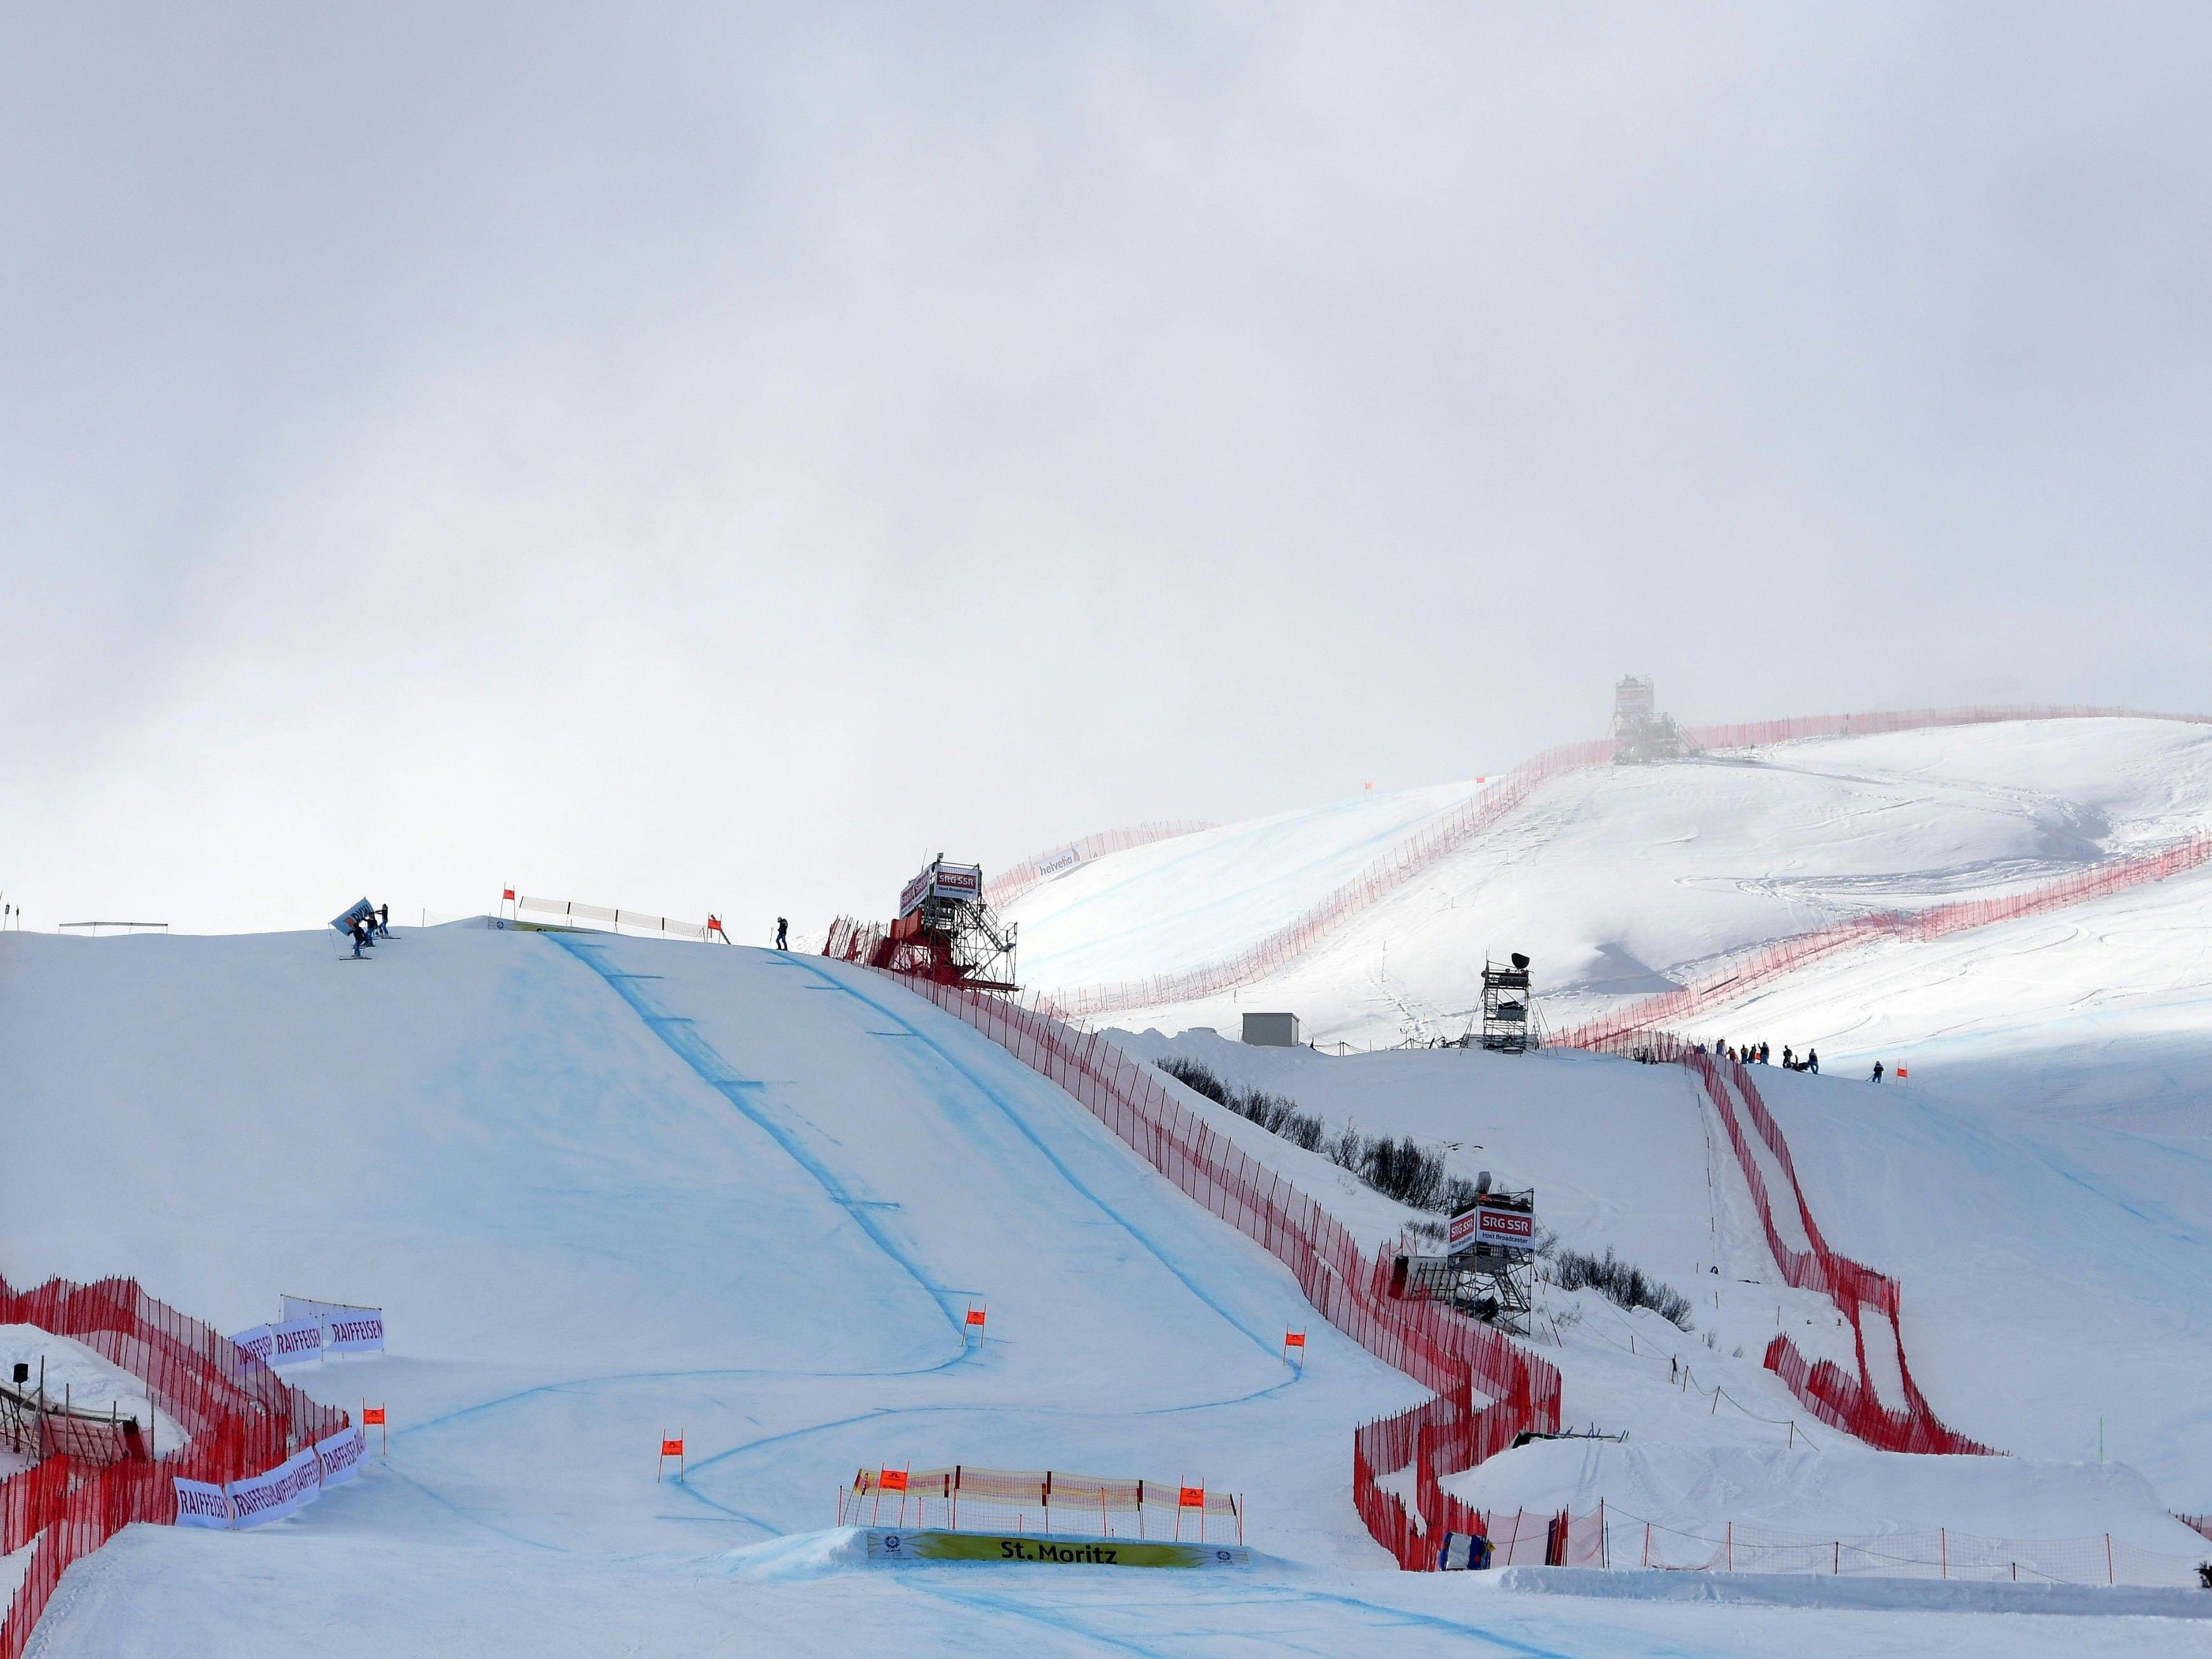 Bei der Ski-WM werden die Abfahrt der Herren und der Damen am Sonntag stattfinden.